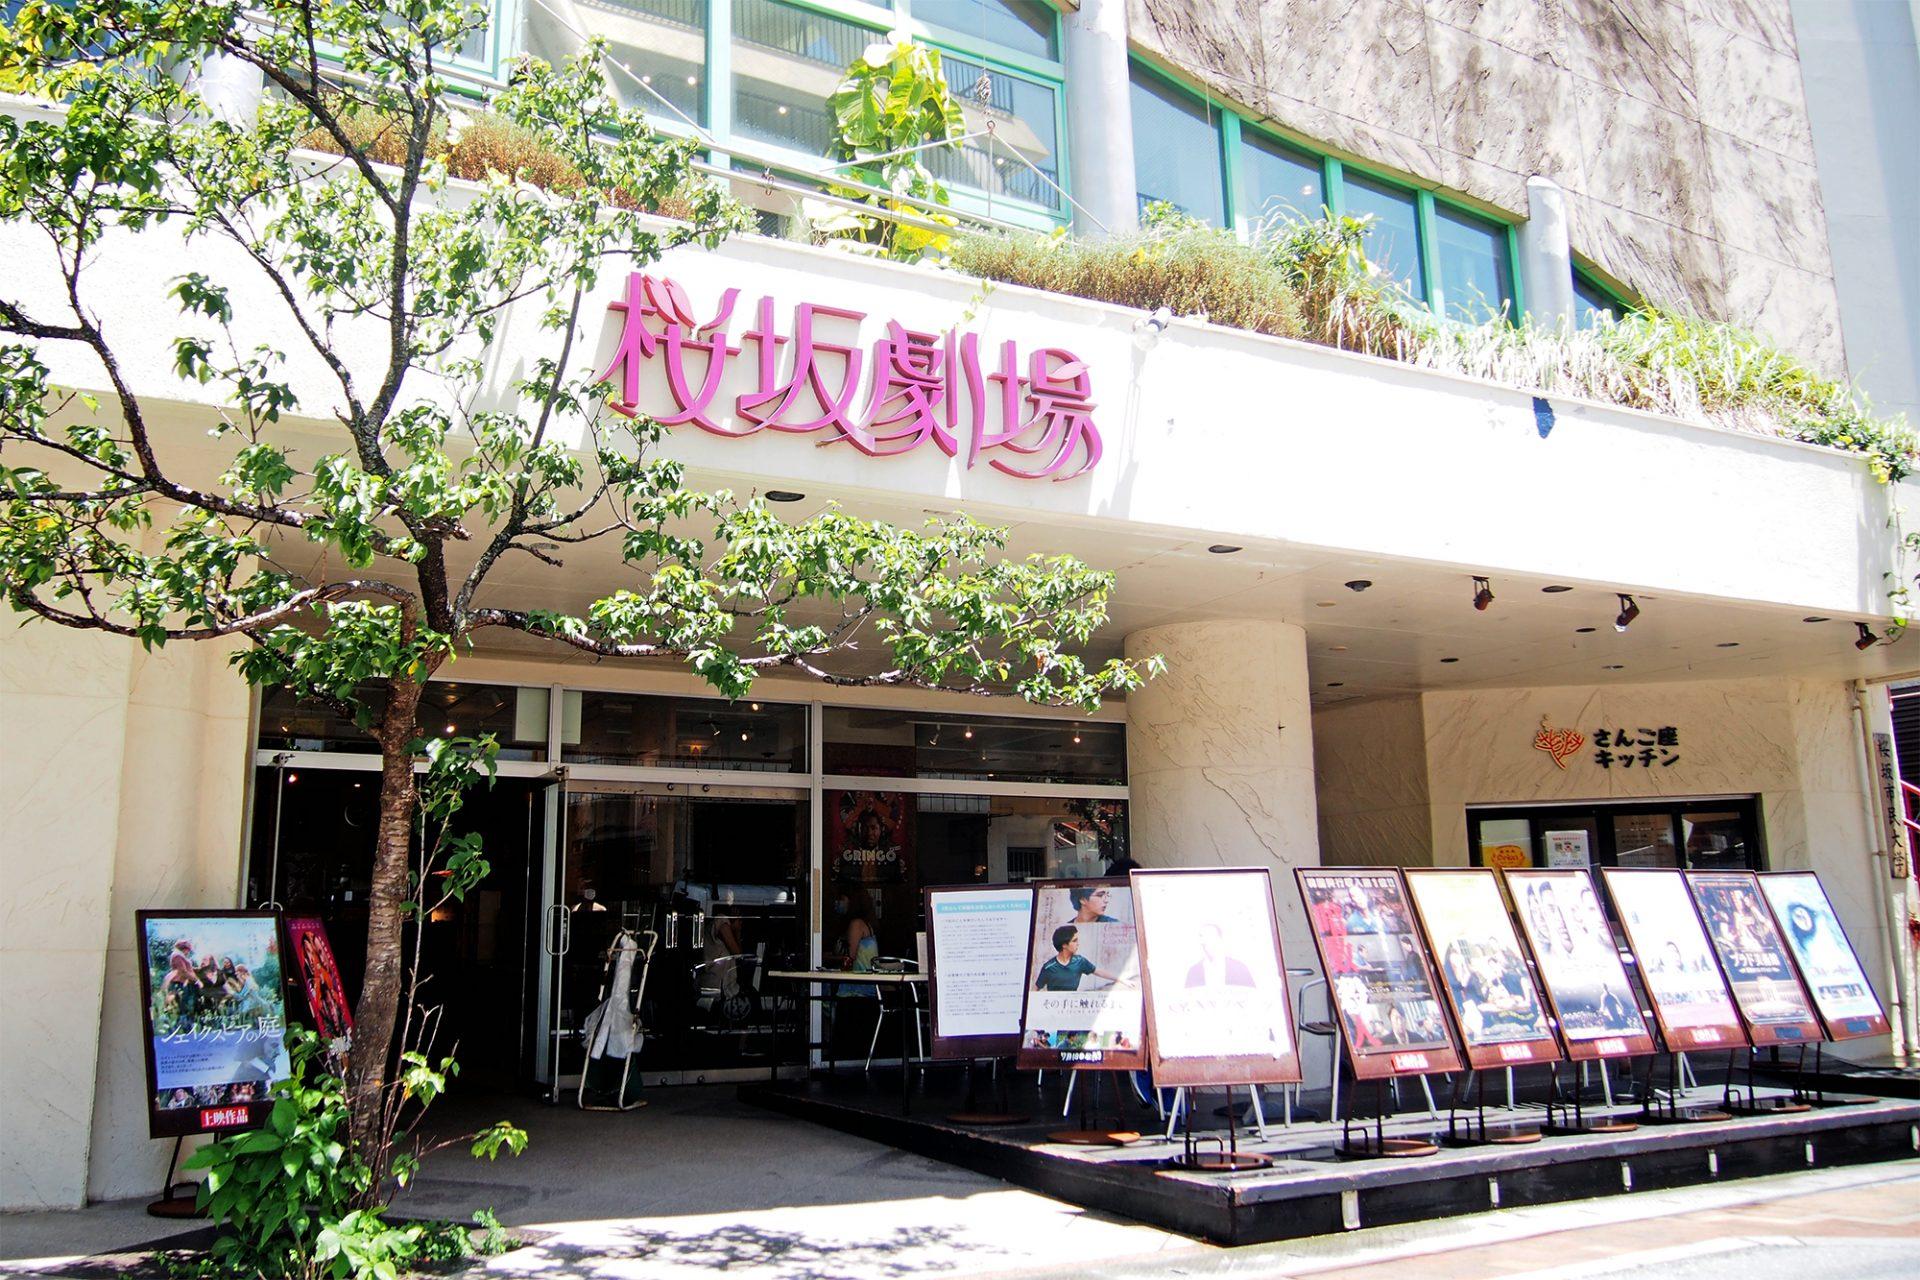 那覇市「桜坂劇場」 15周年を迎えた映画・ライブ・カフェ・ショップ、沖縄のカルチャー発信地